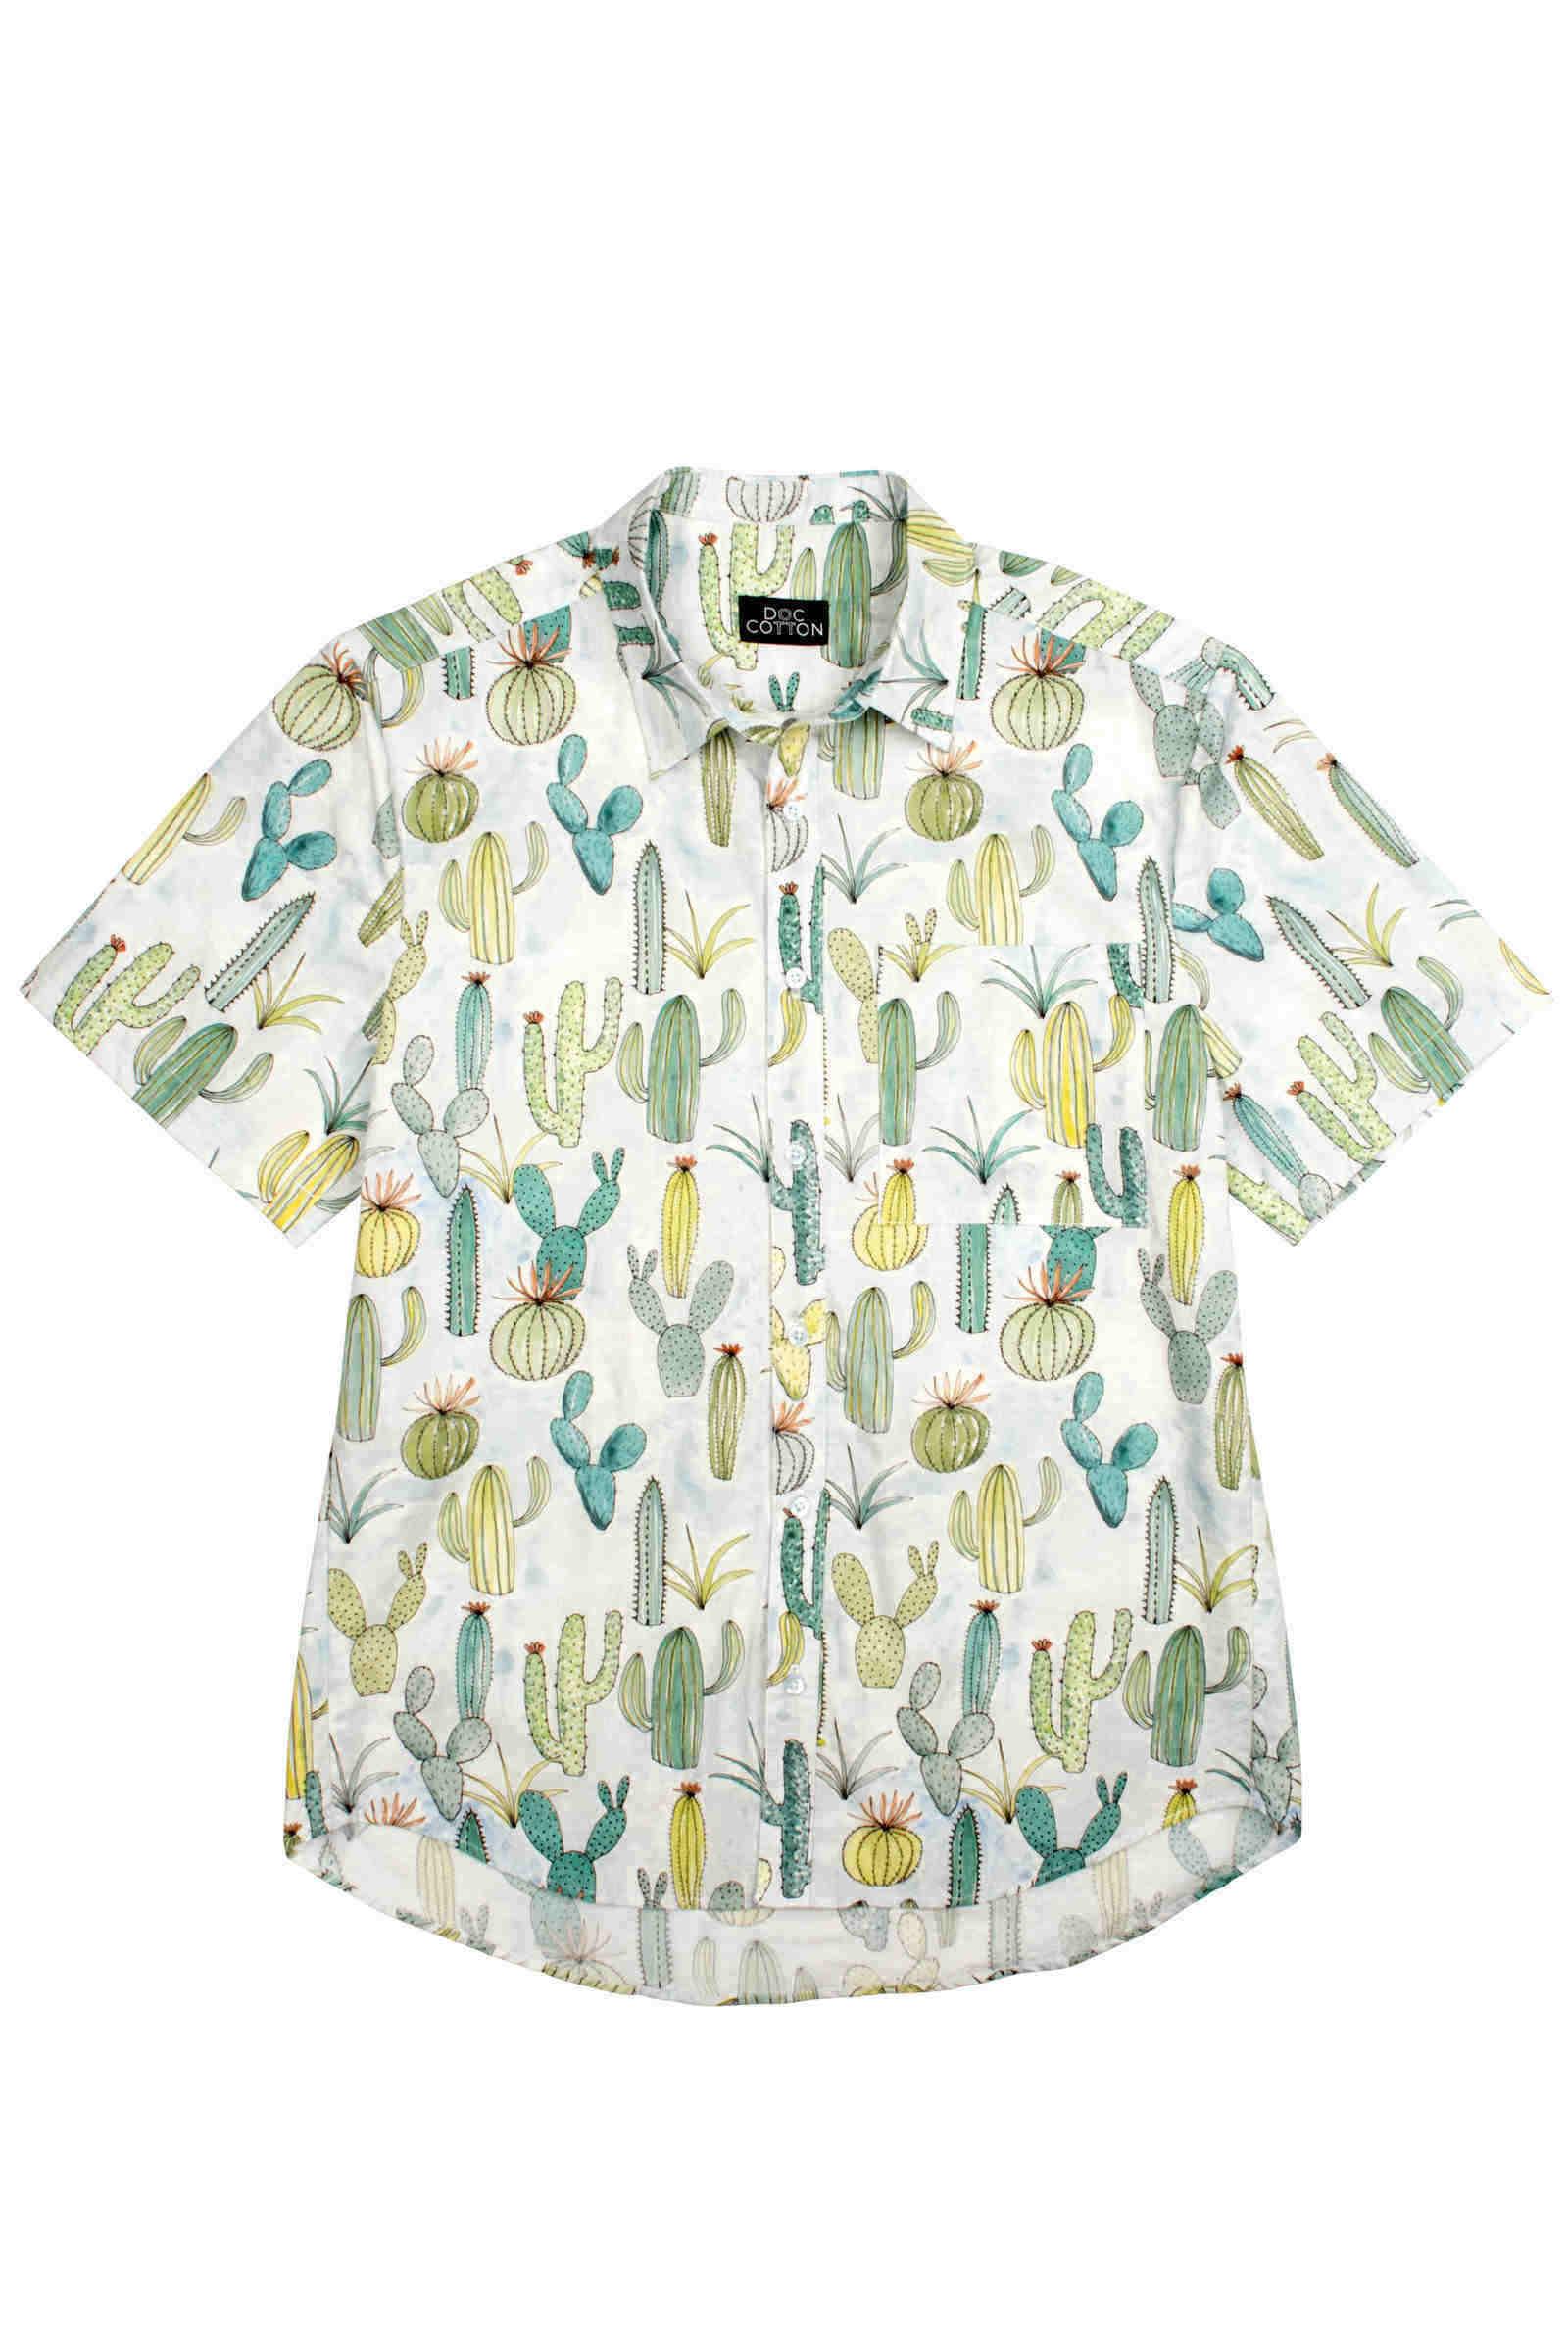 Men's short sleeved shirt